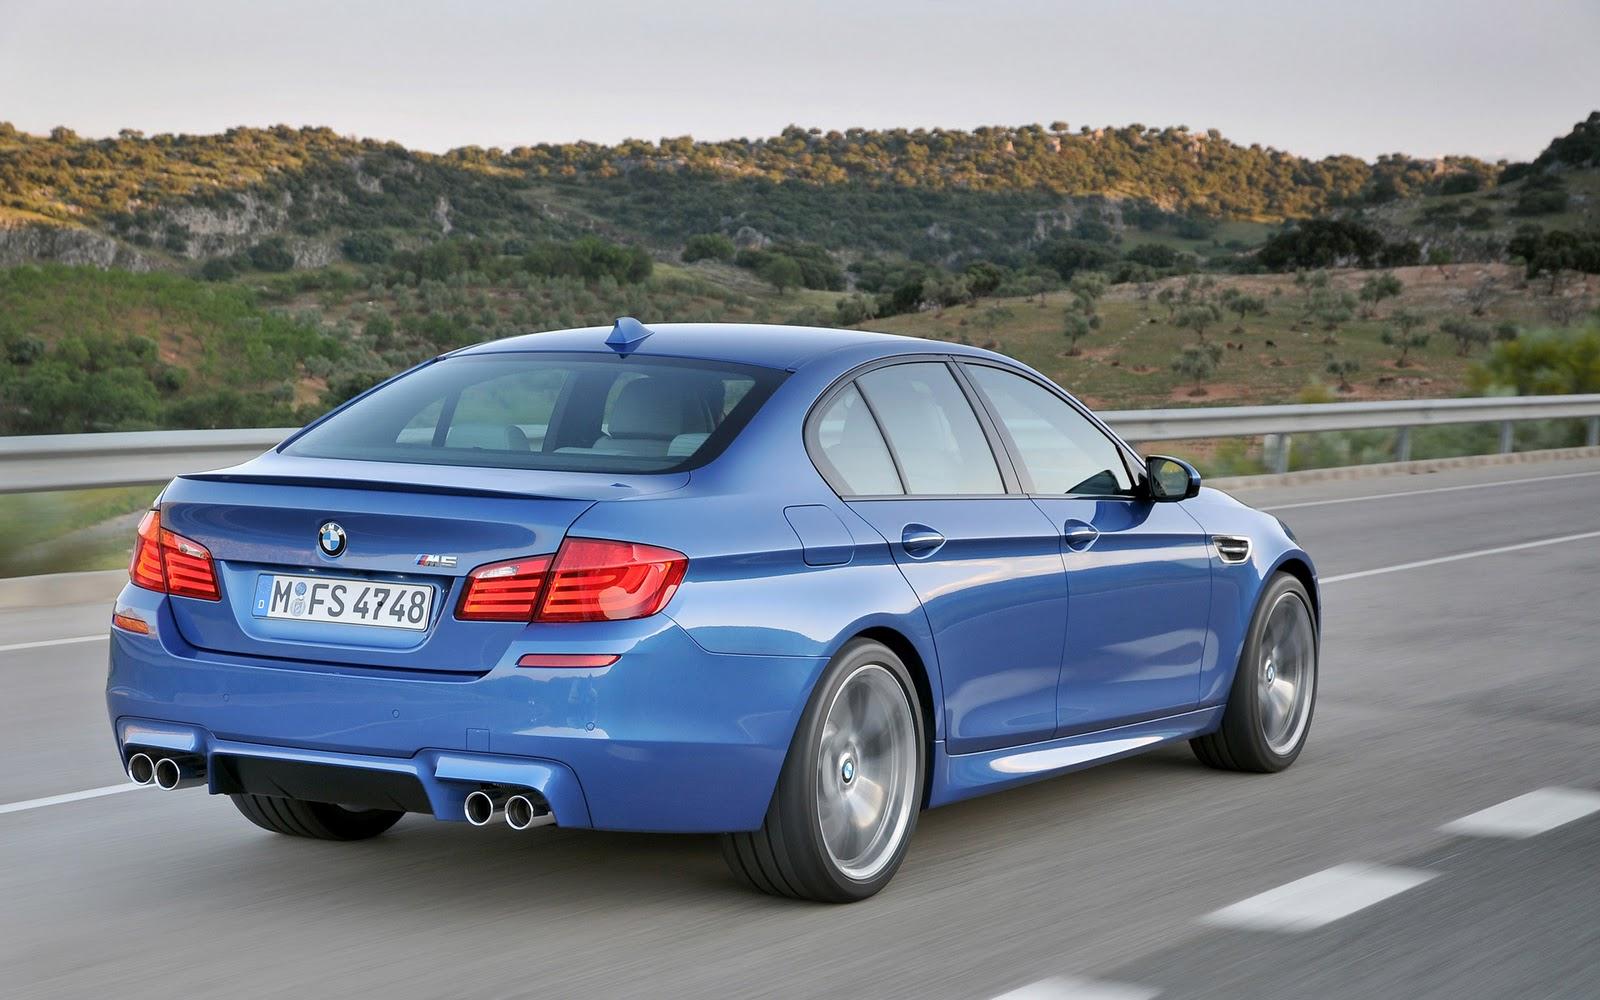 http://4.bp.blogspot.com/-80ZUXxTKxnY/TuJT41Rq38I/AAAAAAAABsI/1LHFdPyzNss/s1600/Blue-BMW-M5-F10-Street-Speed_1920x1200_6810.jpg